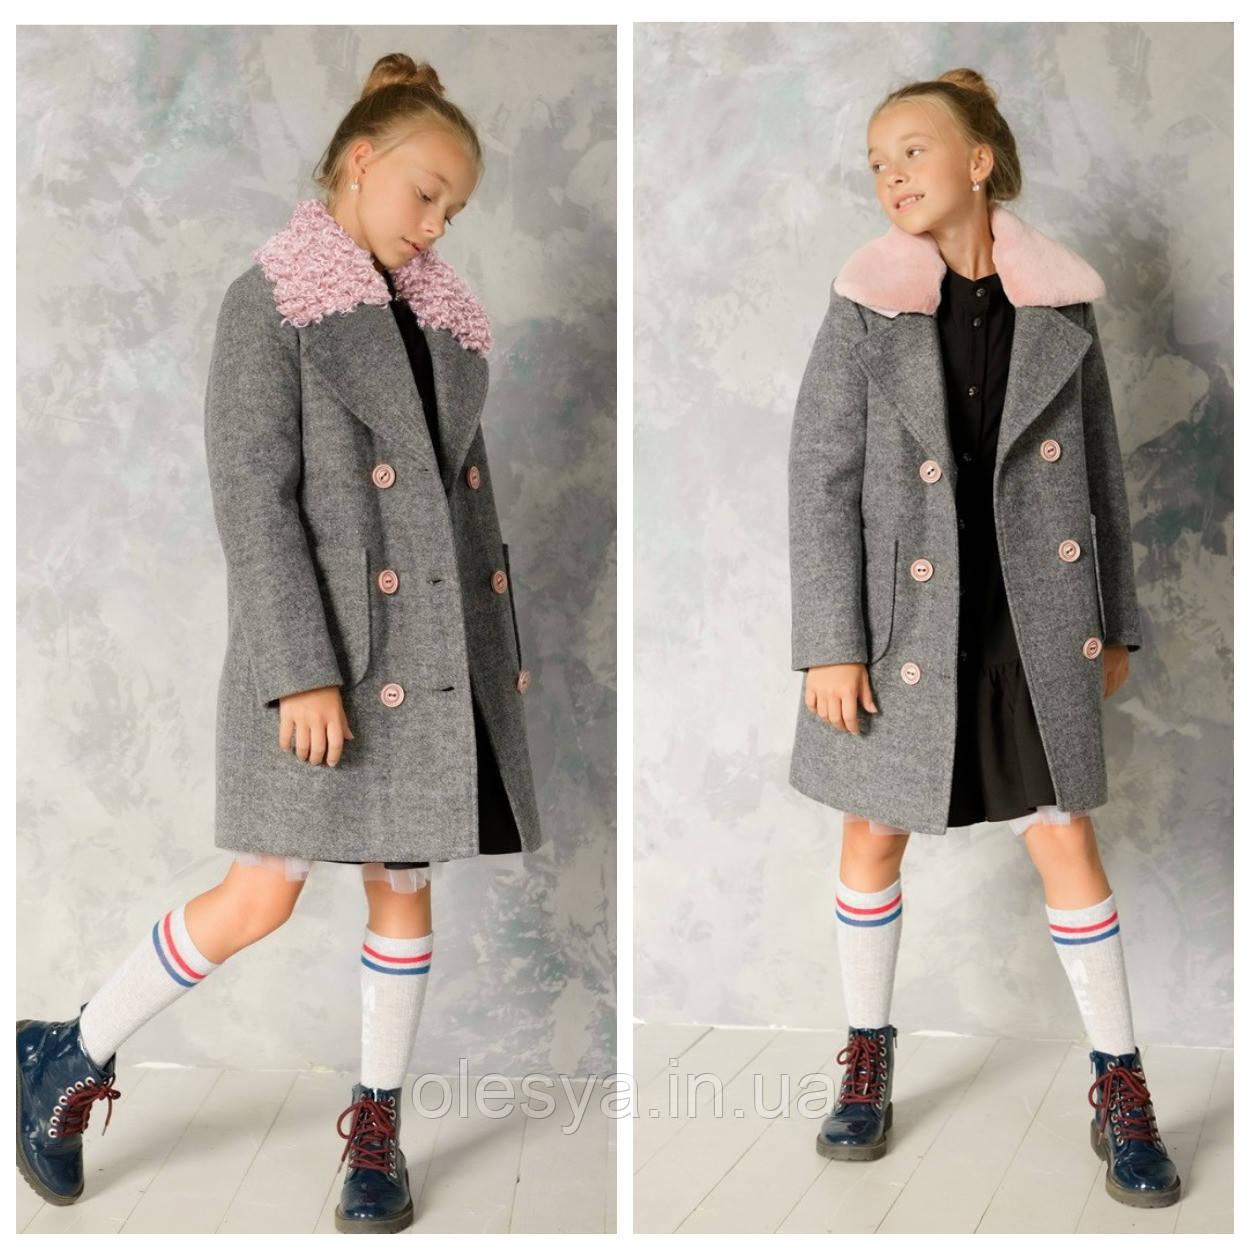 Модное демисезонное пальто на девочку с мехом каракуля и кролика Тренд осени 2018 Размеры 122-146